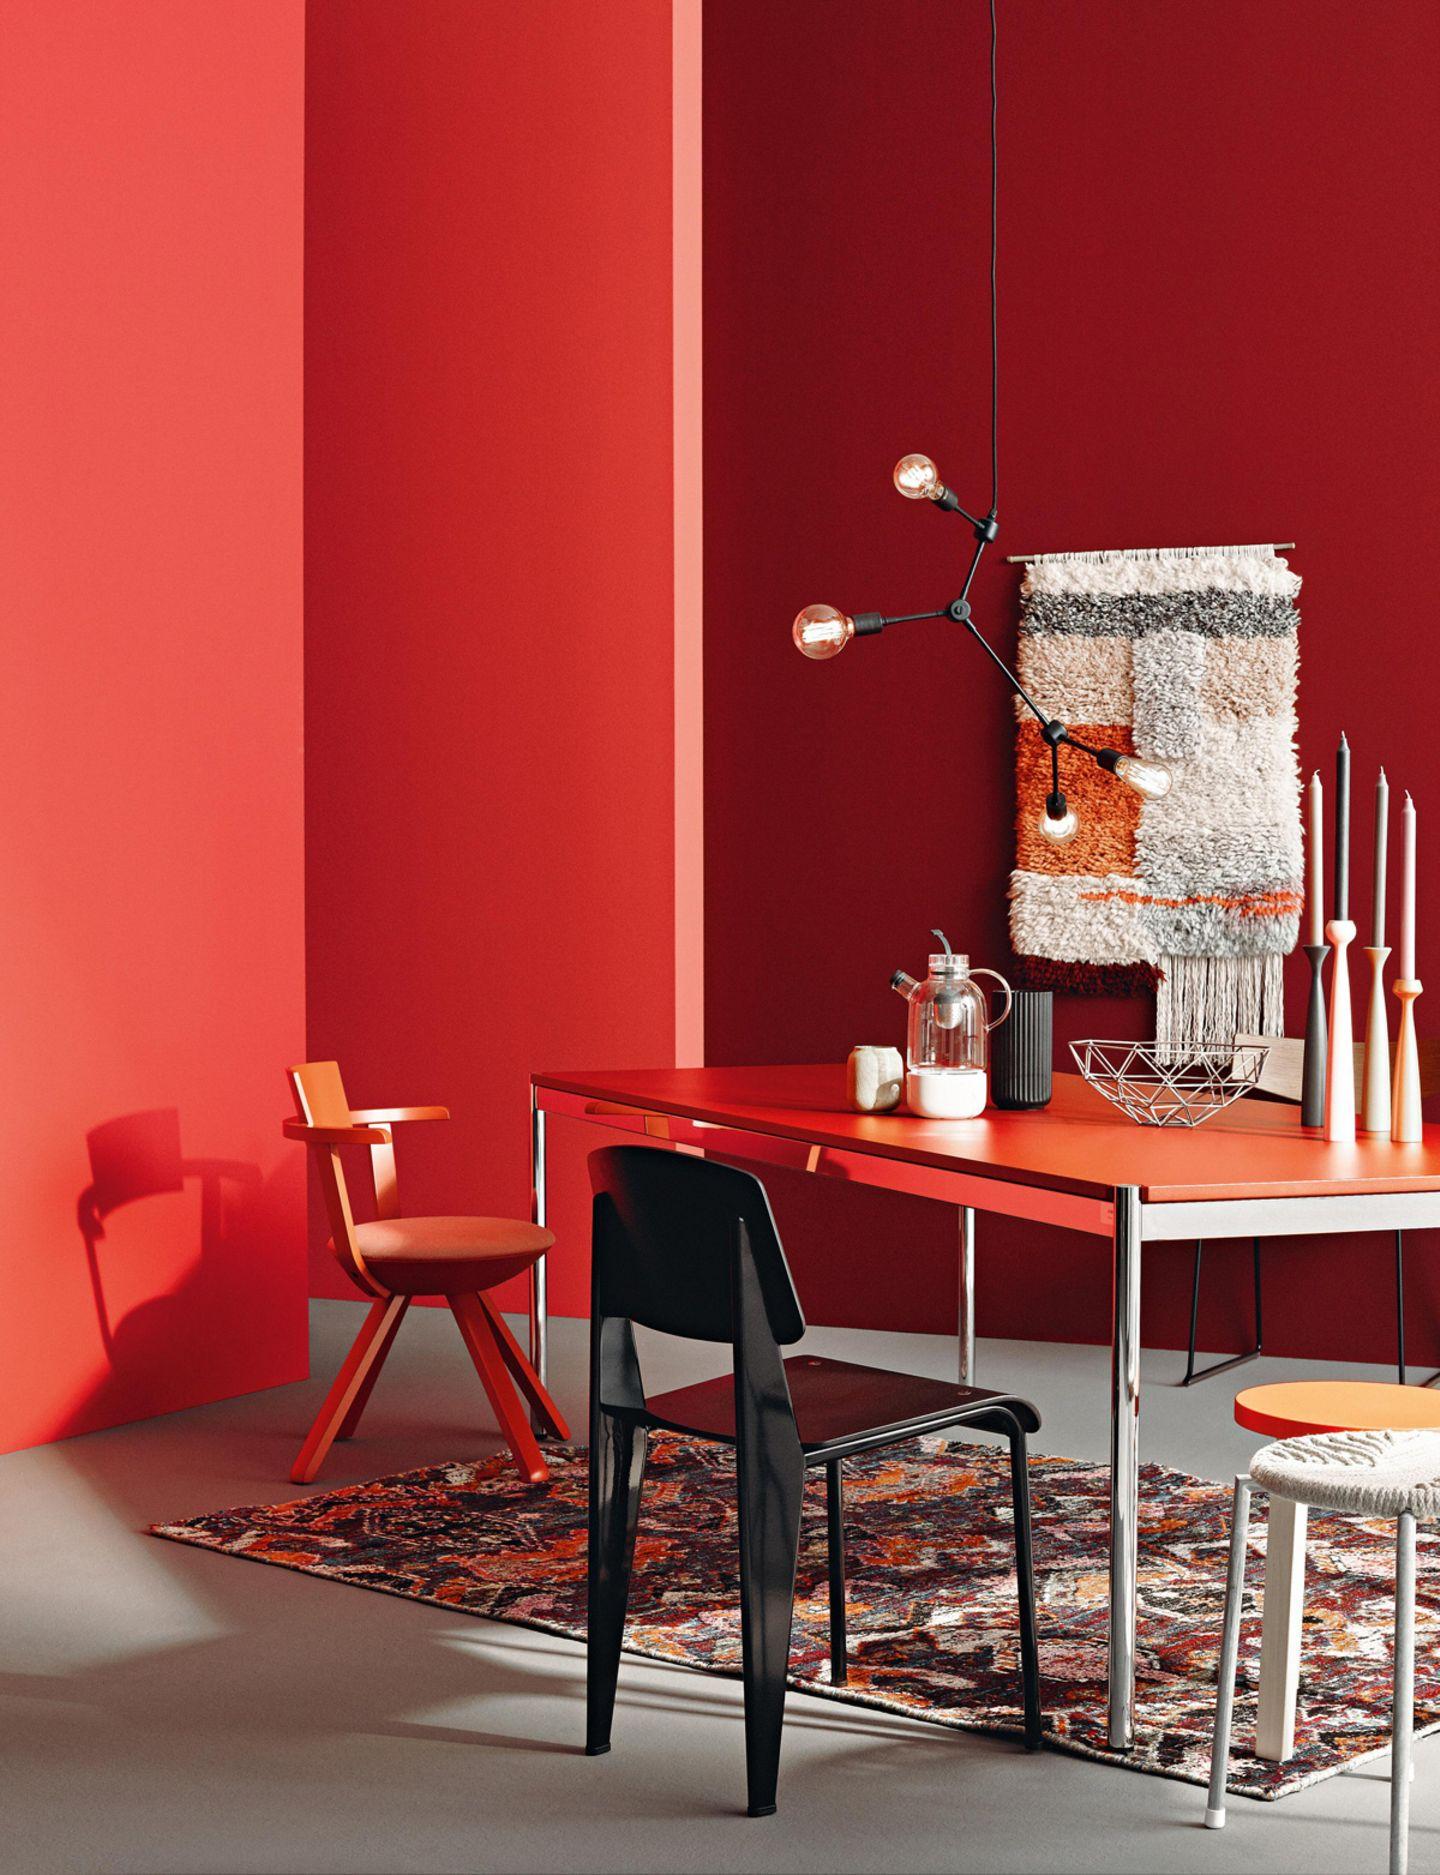 Wandfarben in Rot von SCHÖNER WOHNEN-Farbe